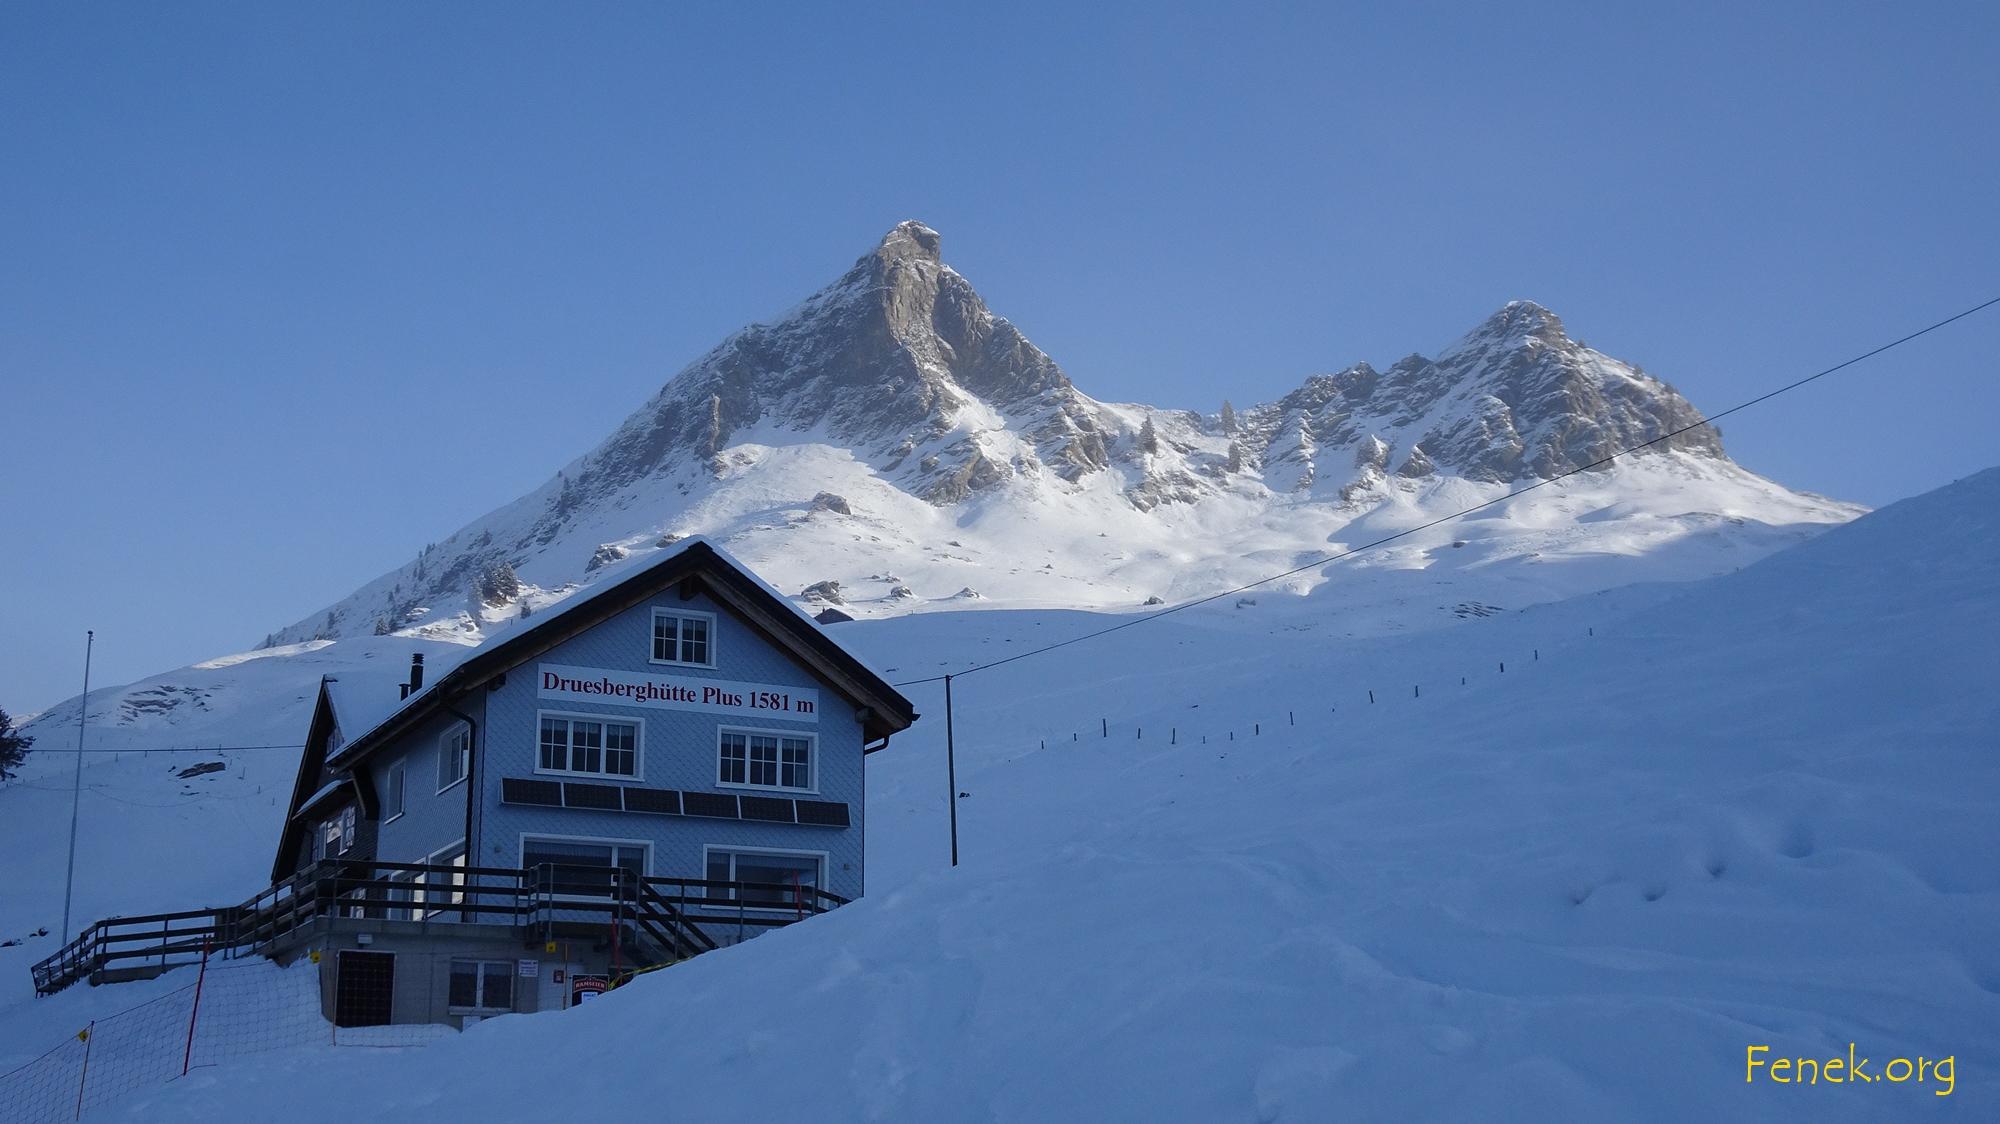 bei der Druesberghütte etwas blauer Himmel